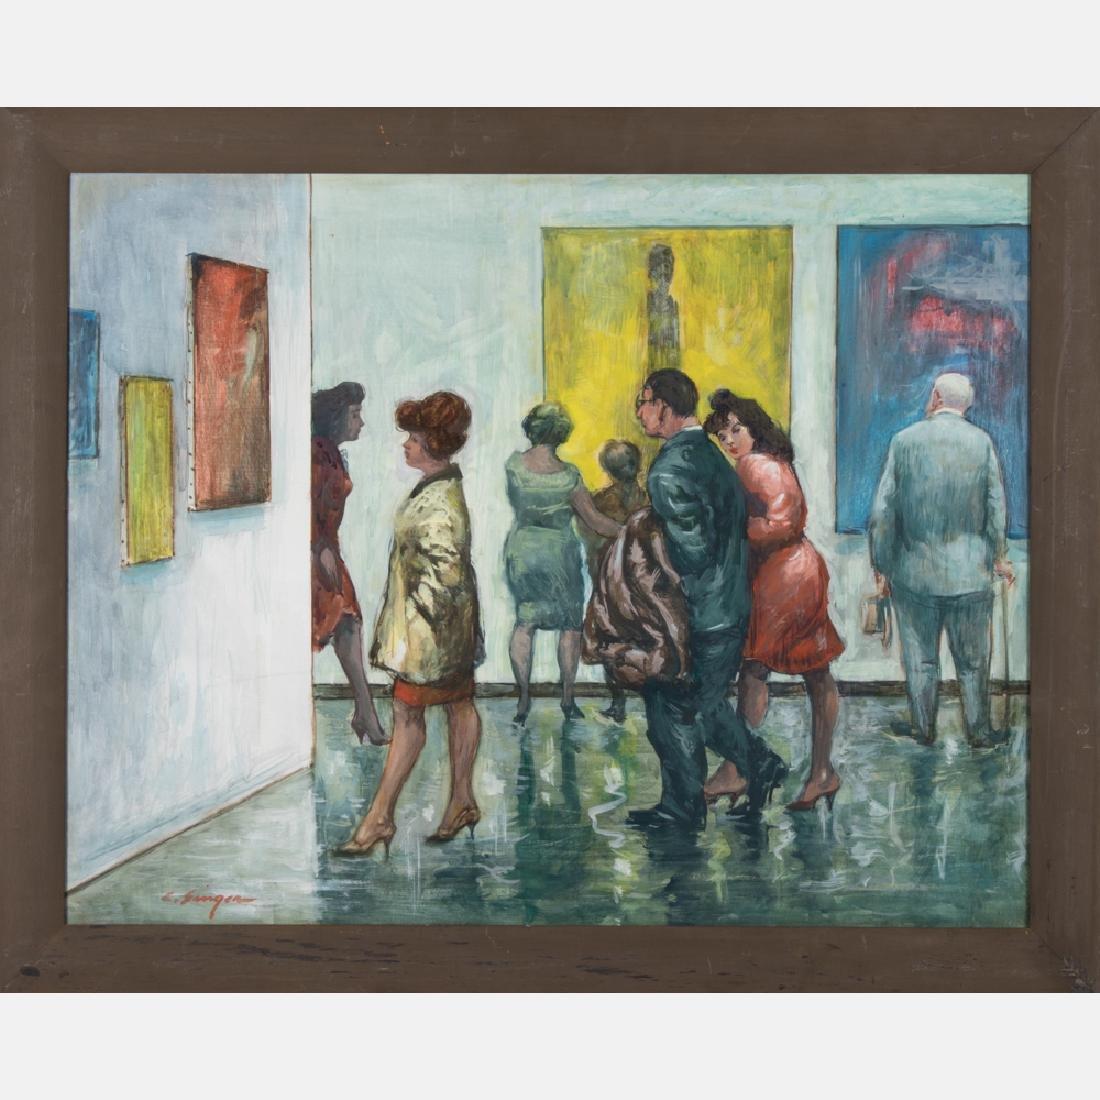 Clyde J. Singer (1908-1999) Art Exhibit,  January 1963,